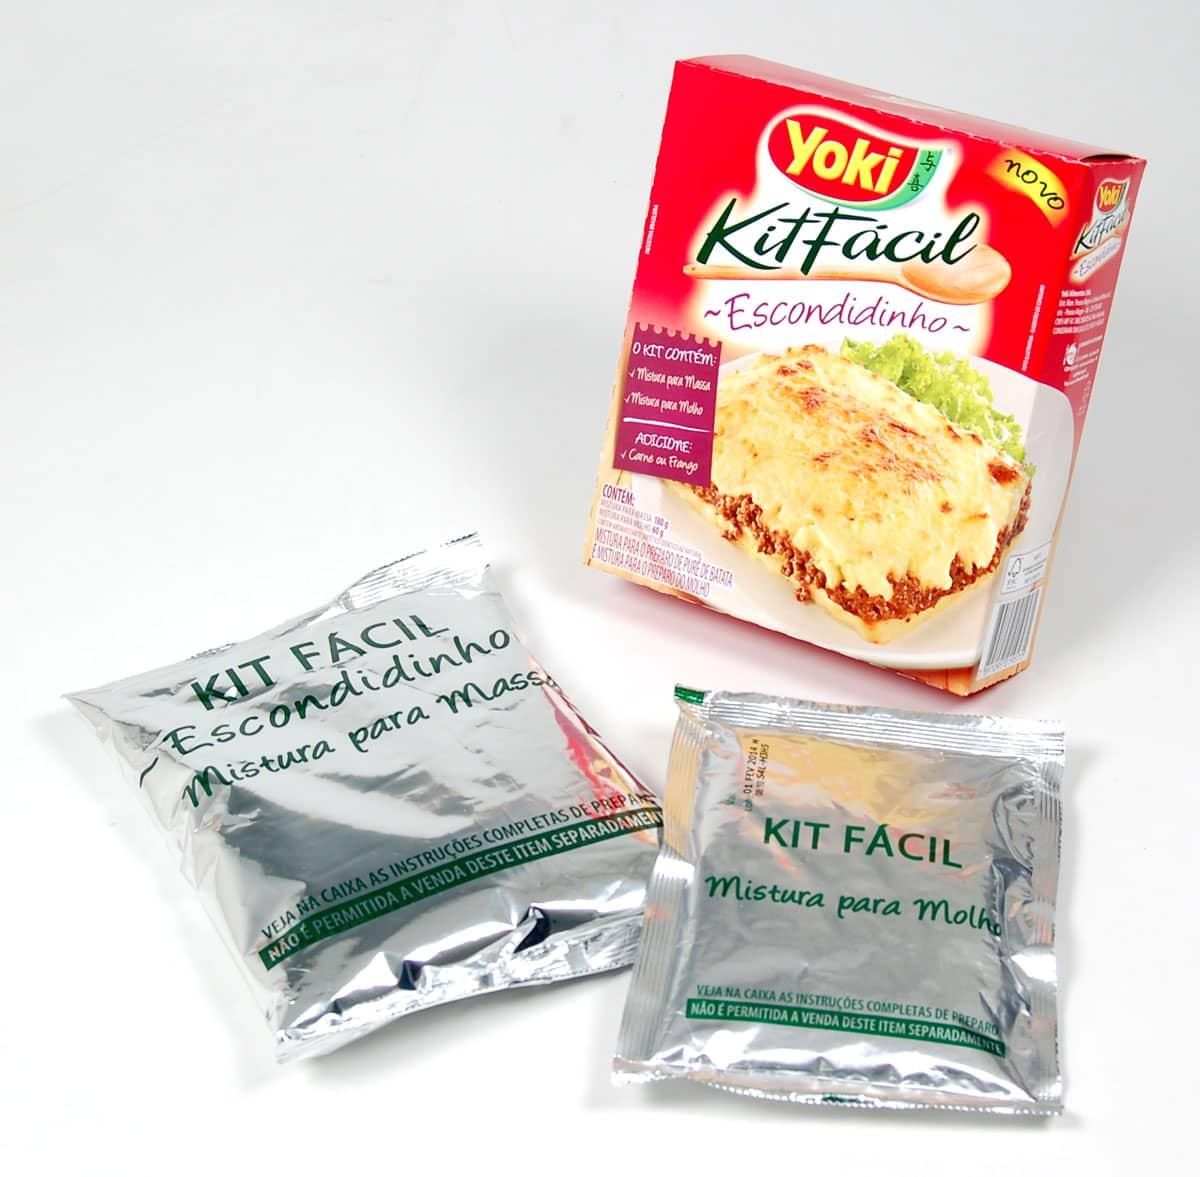 Yoki-Kit-Facil